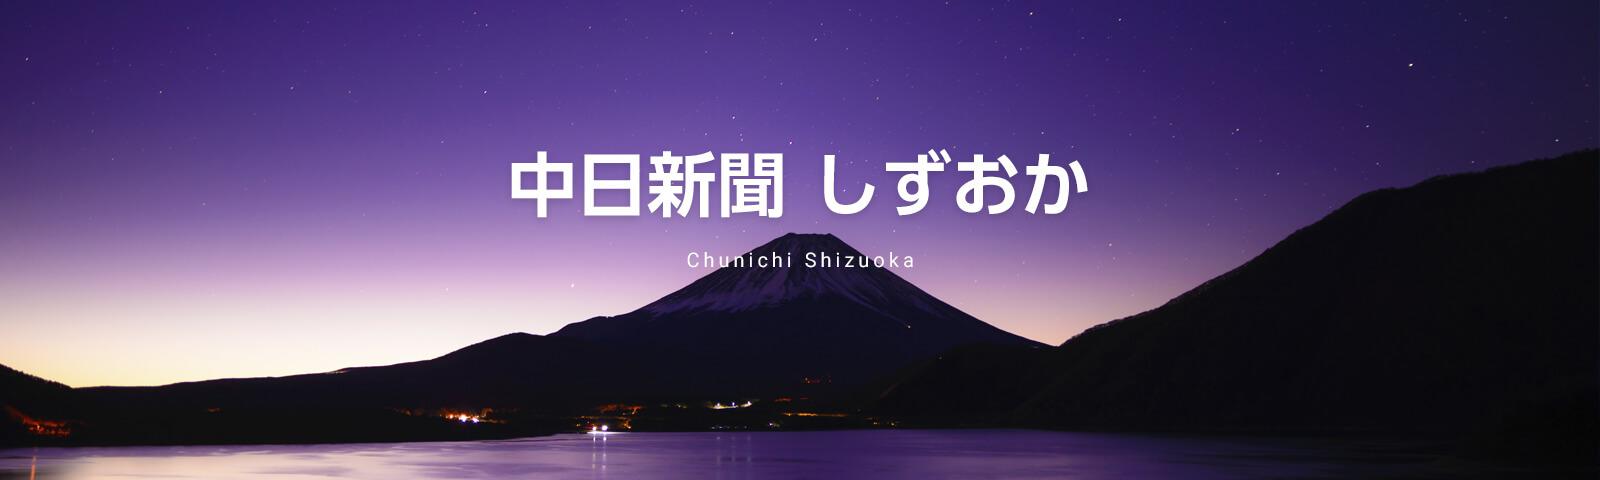 中日新聞しずおか Chunichi Shizuoka